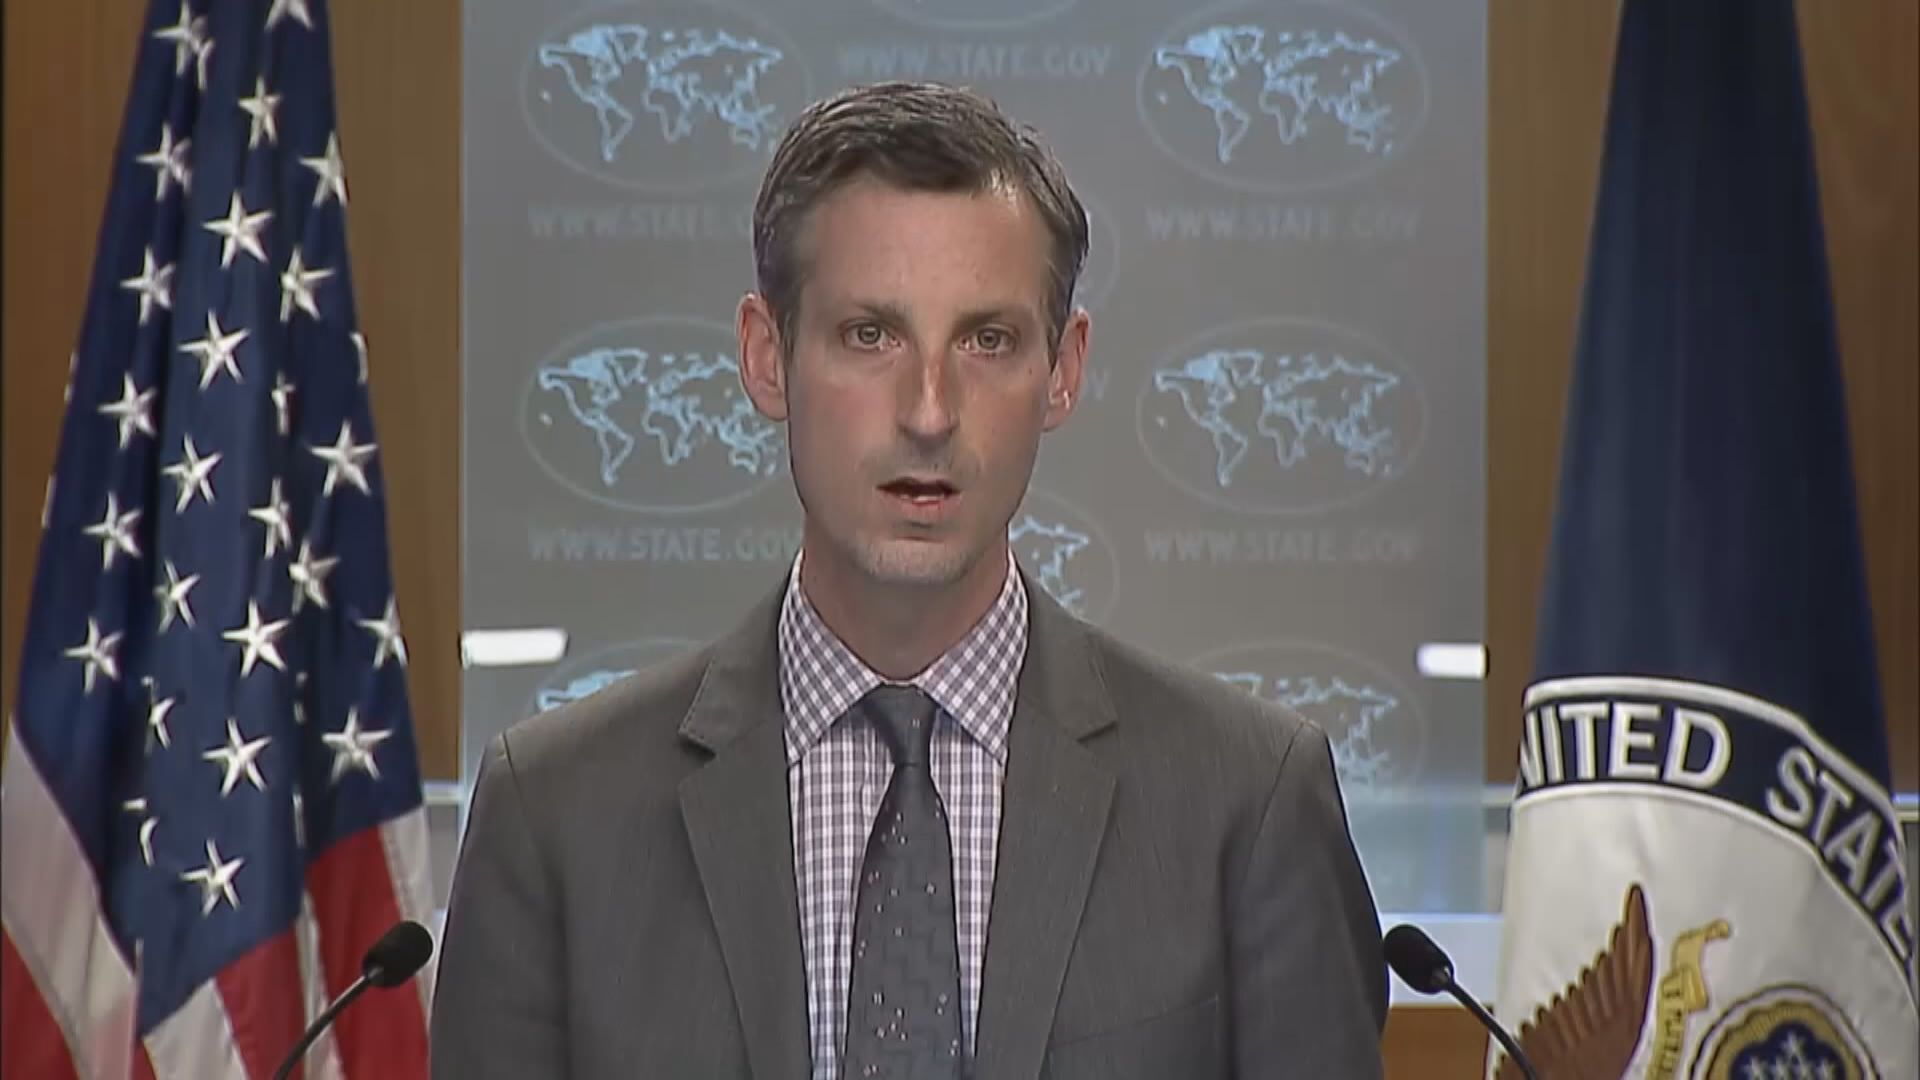 美國確認繼續暫停給予香港特殊待遇